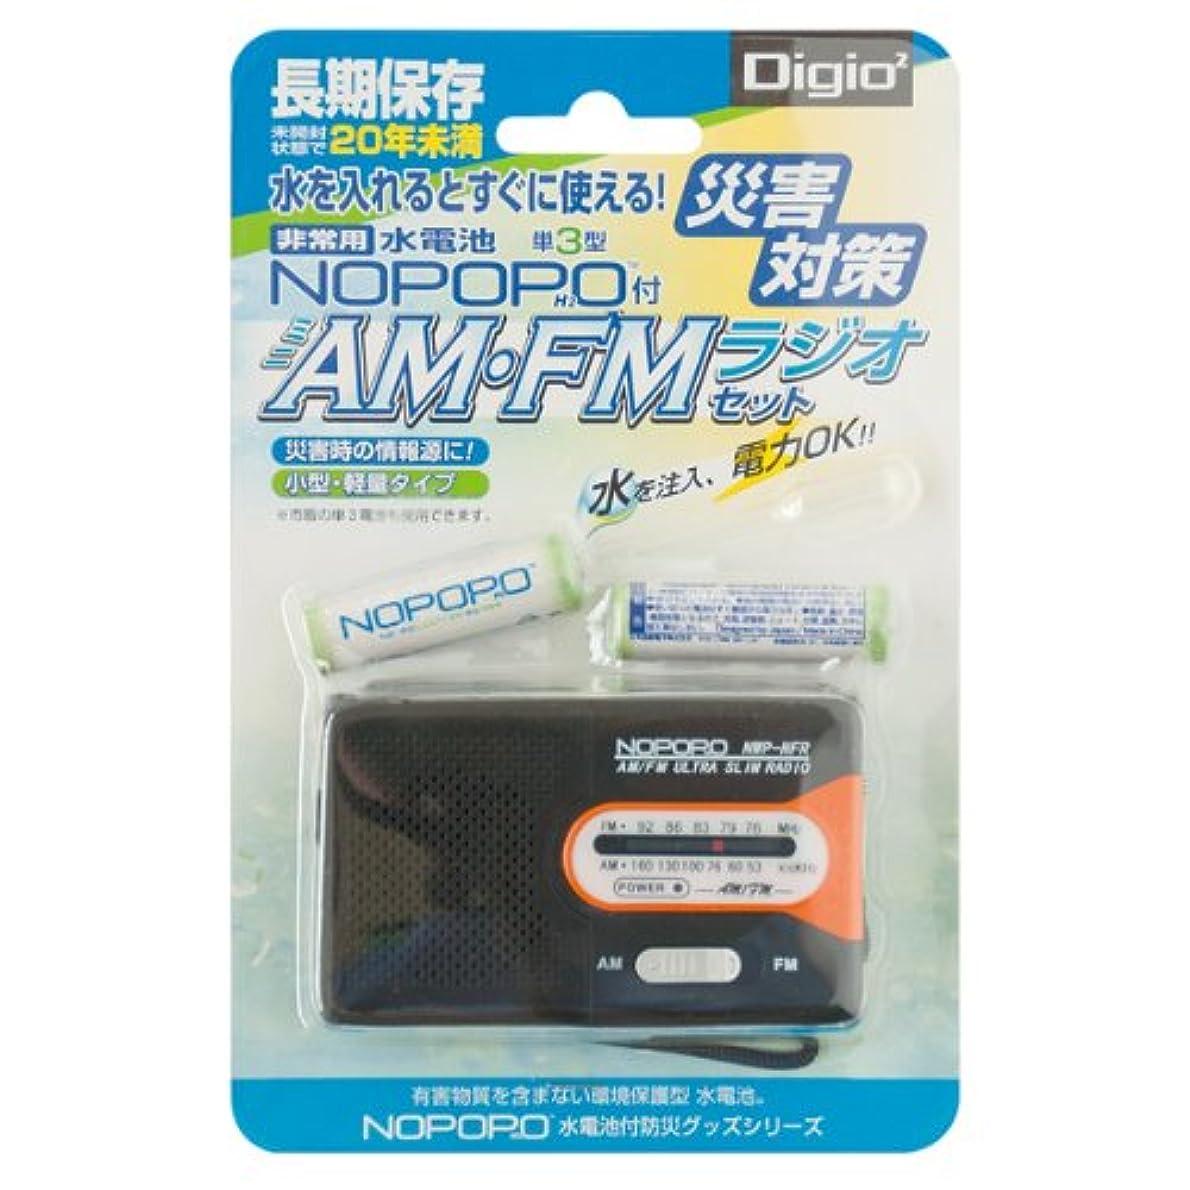 厳しいリンク断片Digio2 災害対策 非常用水電池 NOPOPO付AM/FMラジオセット NWP-NFR-D